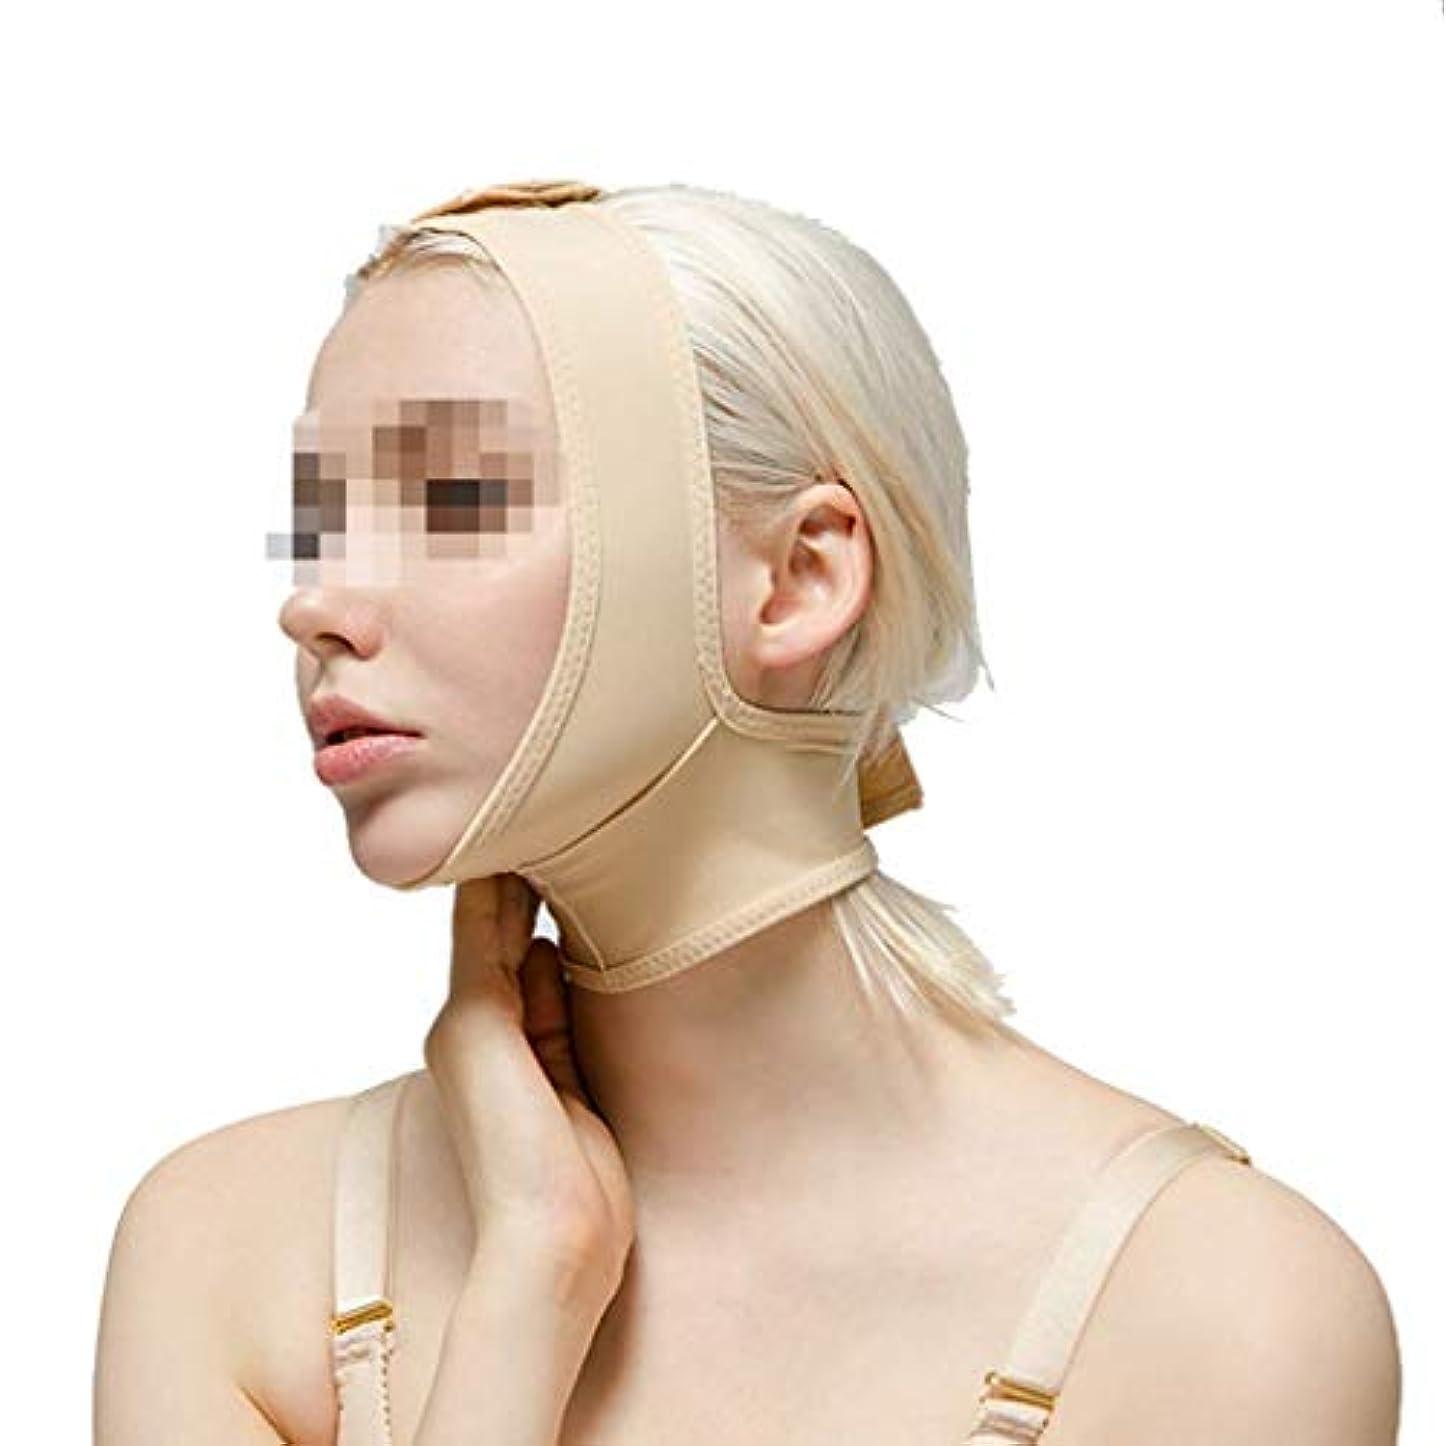 汚い細菌スパイラル術後弾性スリーブ、下顎バンドルフェイスバンデージフェイシャルビームダブルチンシンフェイスマスクマルチサイズオプション(サイズ:L)